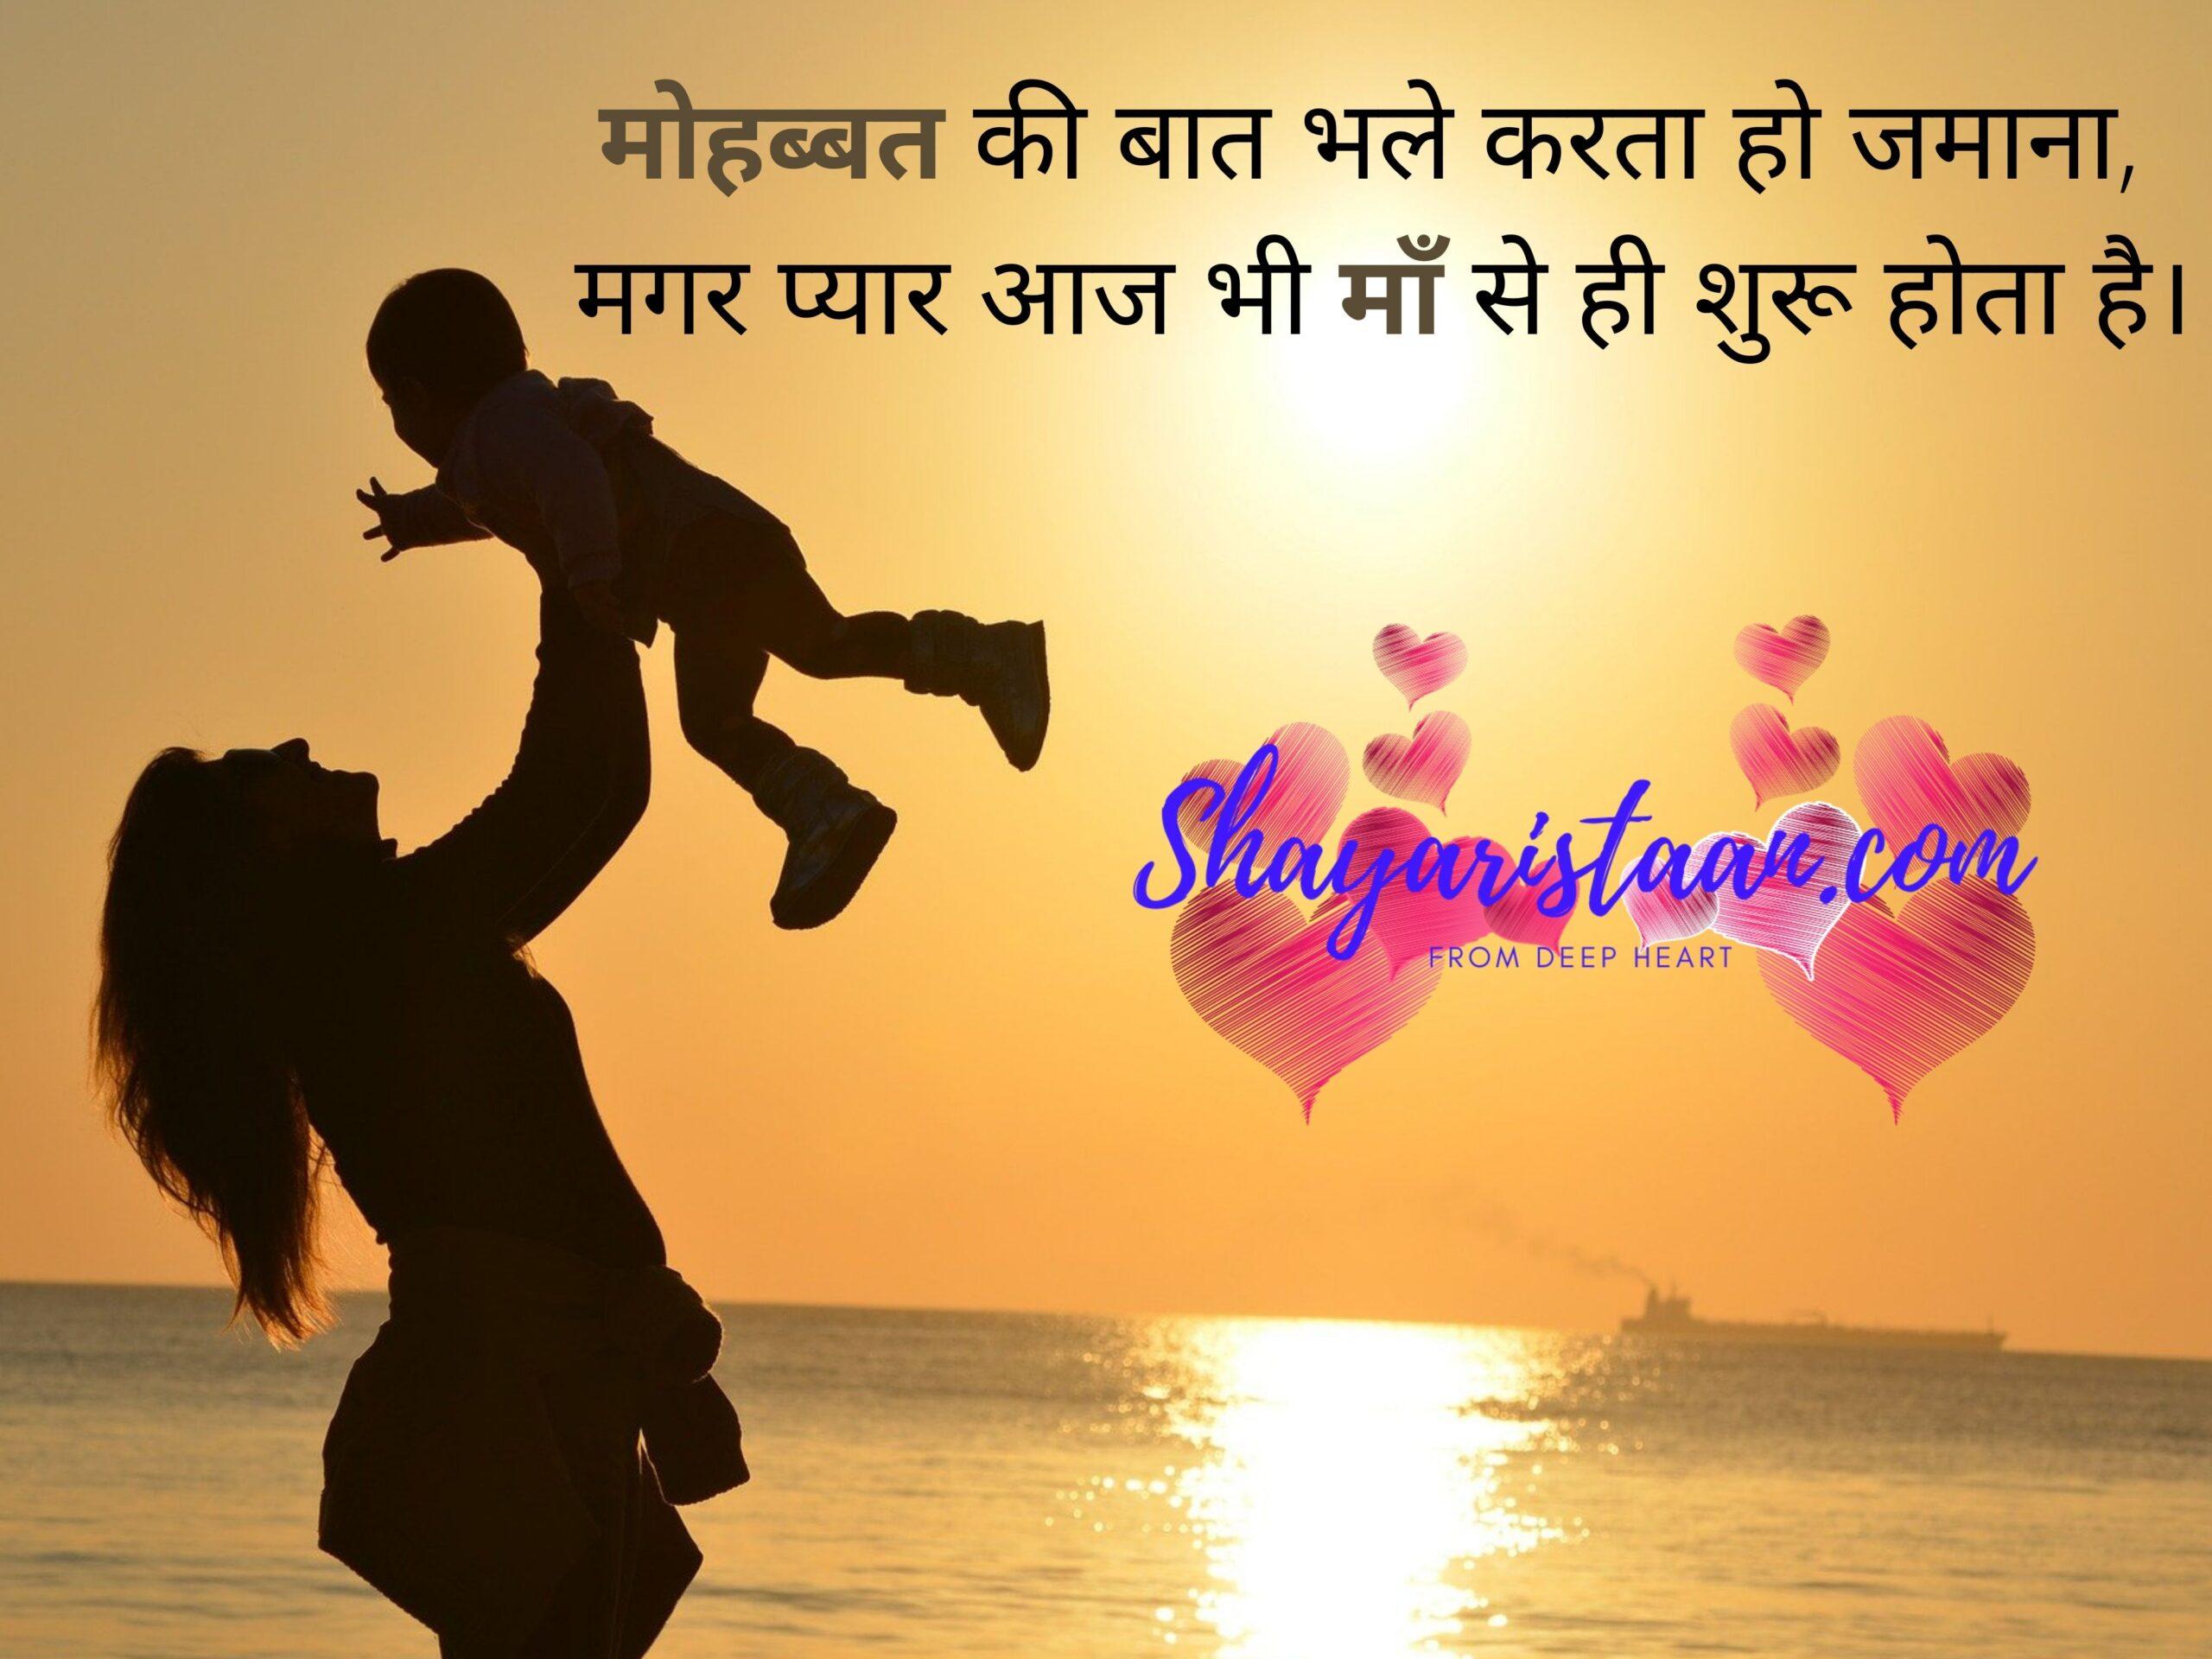 some lines for mother   मोहब्बत की बात भले करता हो जमाना, मगर प्यार आज भी माँ से ही शुरू होता है।